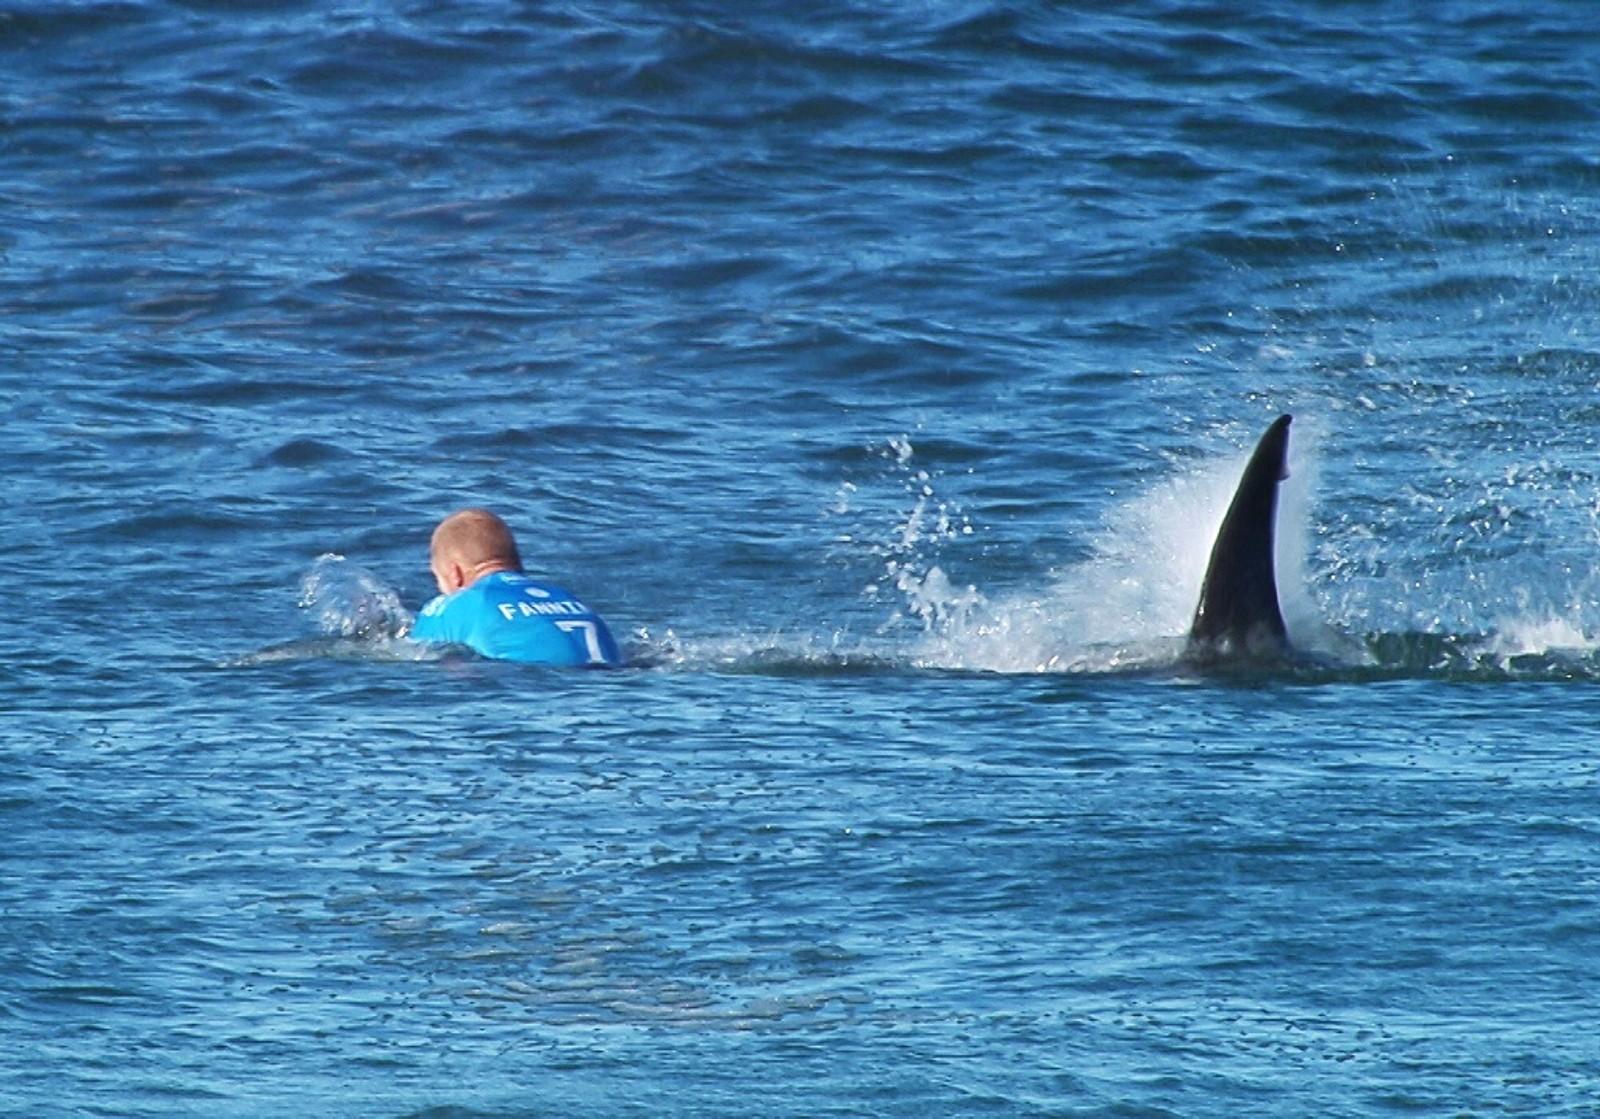 Dette bildet har gått verden rundt denne uken. Den australske surferen Mick Flanning ble plutselig angrepet av hai under en konkurranse i Jeffrey's Bay, Sør-Afrika.  – Jeg sparket for å få den vekk, og bare ventet på å kjenne tennene, sa Fanning til Sky News Australia like etter den dramatiske hendelsen.  Den utrolige kampen mellom menneske og hai ble sendt direkte på TV. Surferen kom seg vekk fra de to haiene og opp på en ventende vannskuter med alle kroppsdeler intakt.